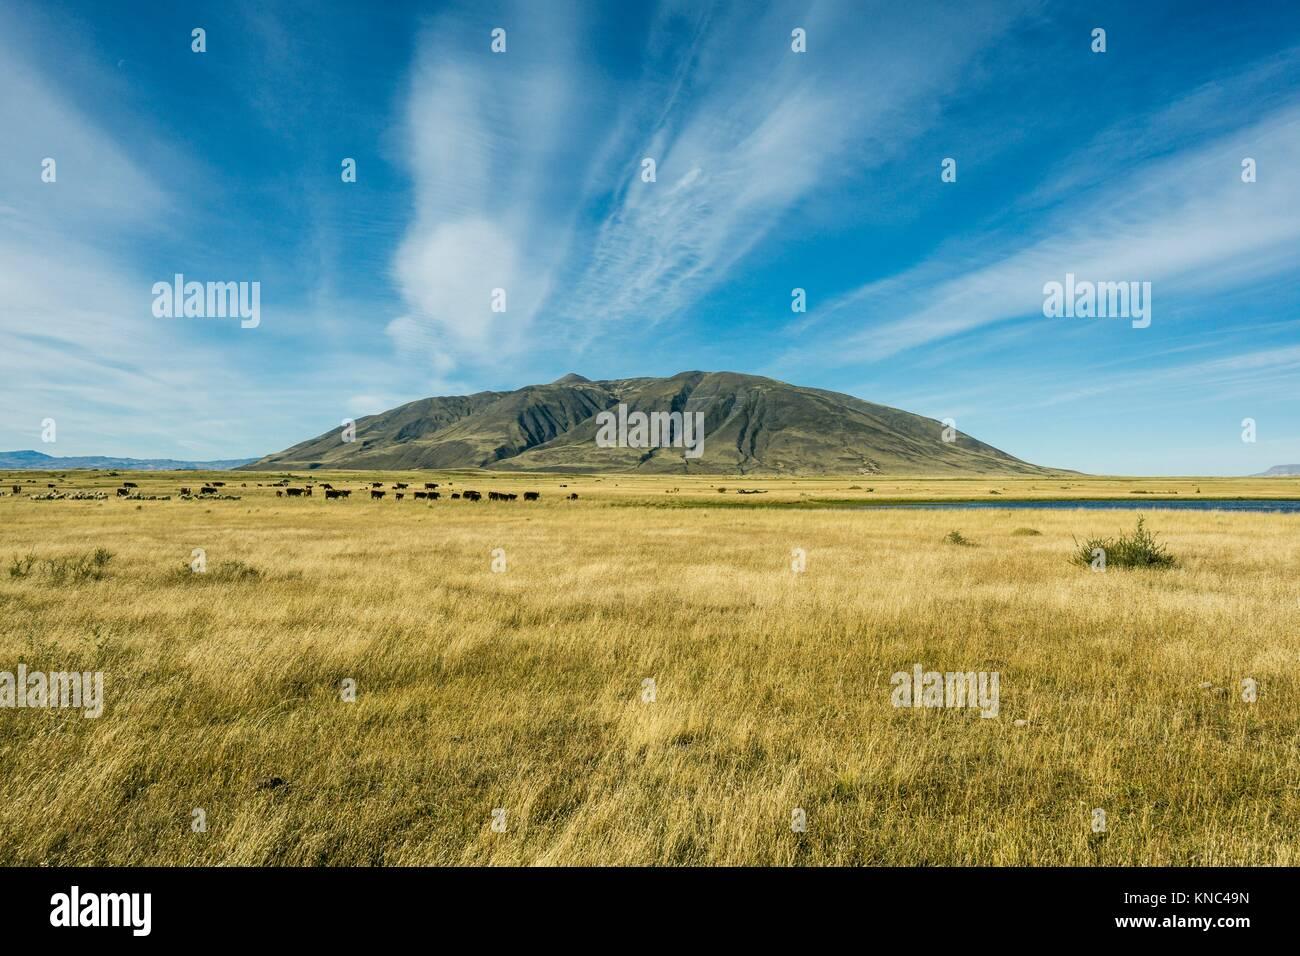 El ganado en las Pampas, cerca del lago Roca, Patagonia, Argentina. Imagen De Stock